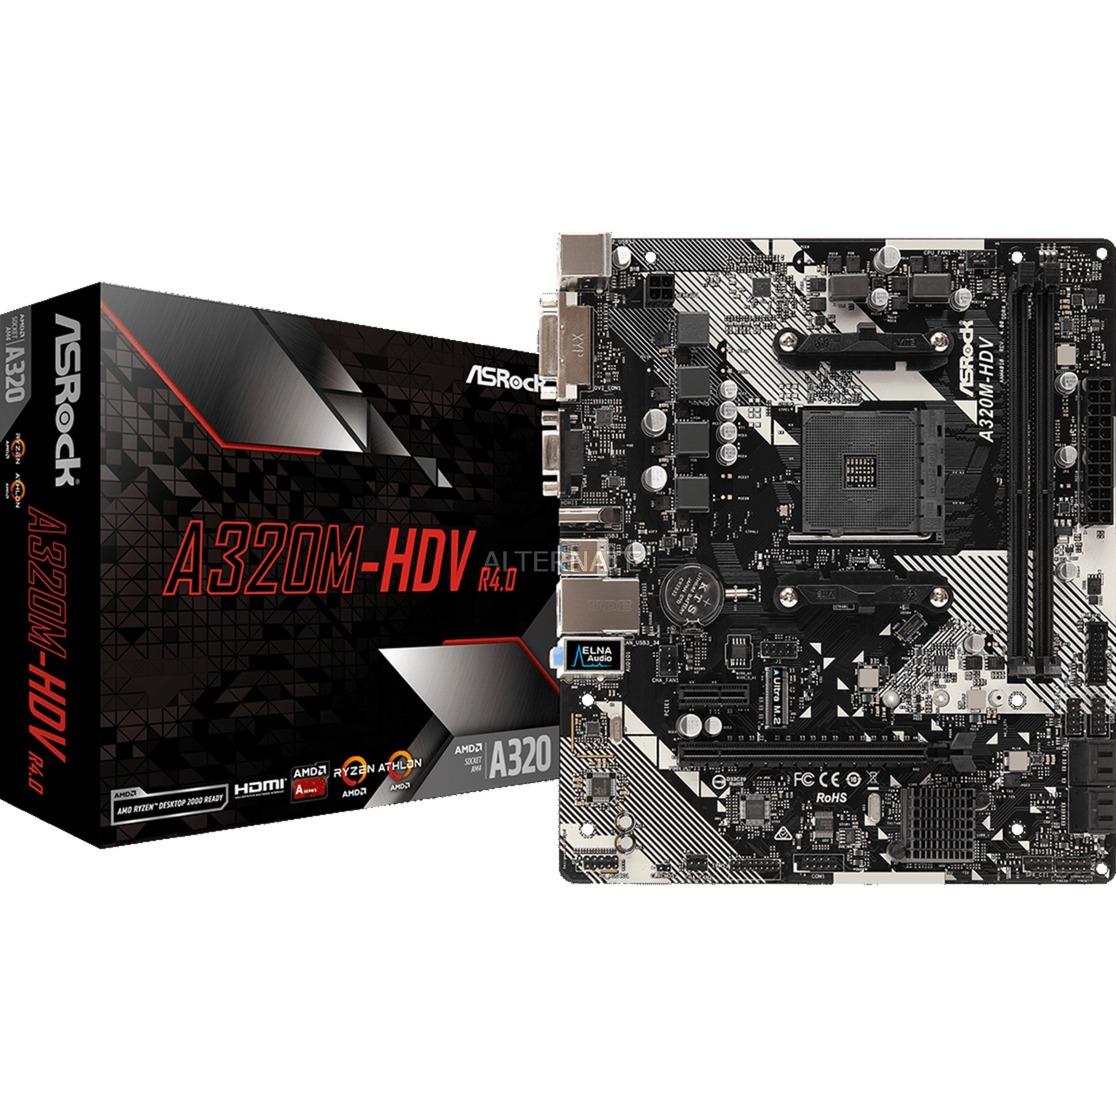 A320M-HDV R4.0 placa base Zócalo AM4 Micro ATX AMD A320